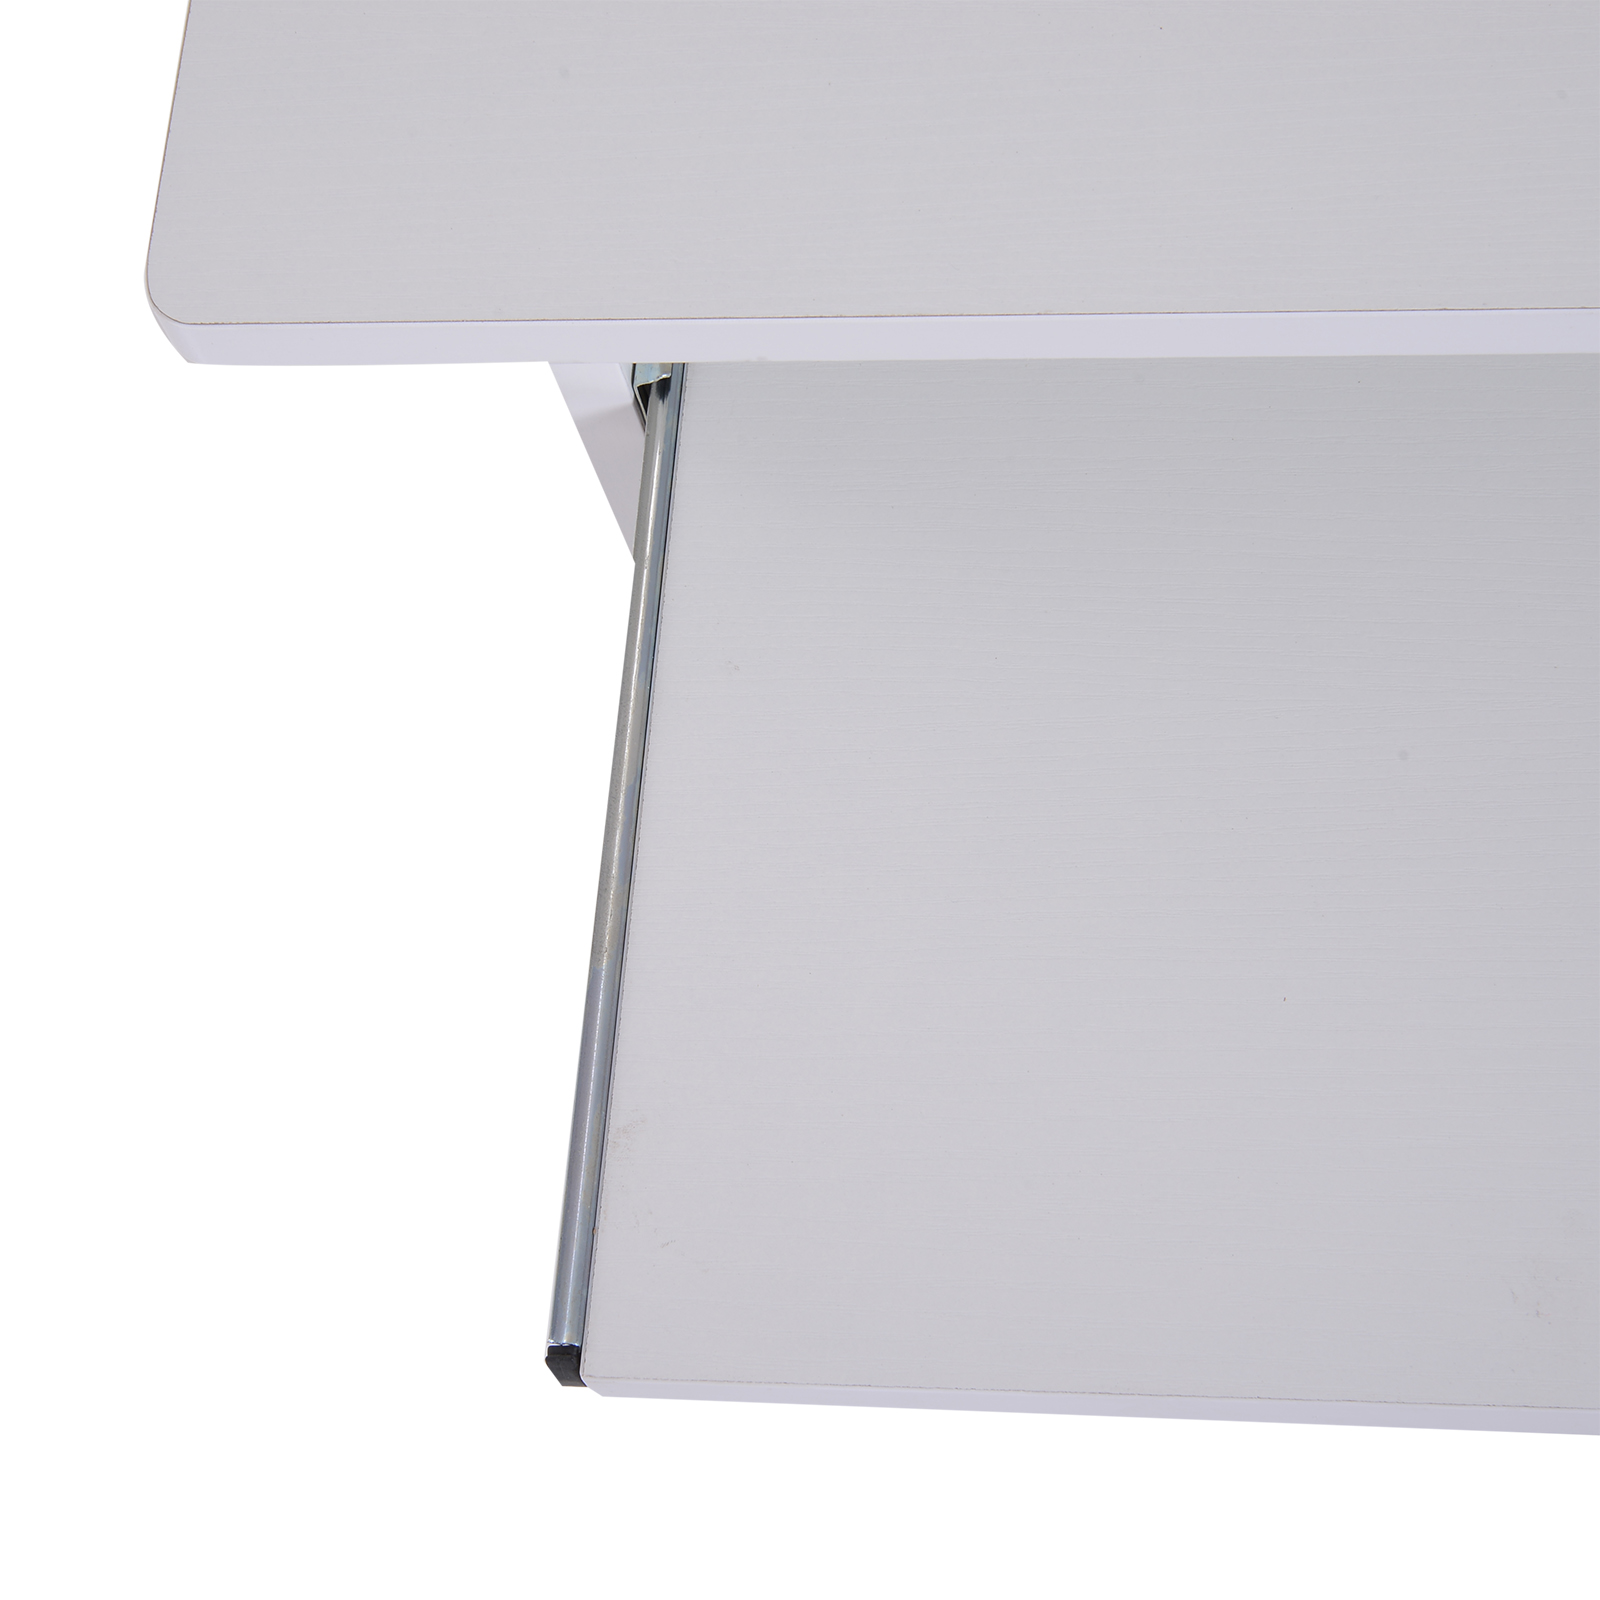 Indexbild 27 - HOMCOM Computertisch Schreibtisch Bürotisch Gamingtisch PC-Tisch Weiß/Schwarz